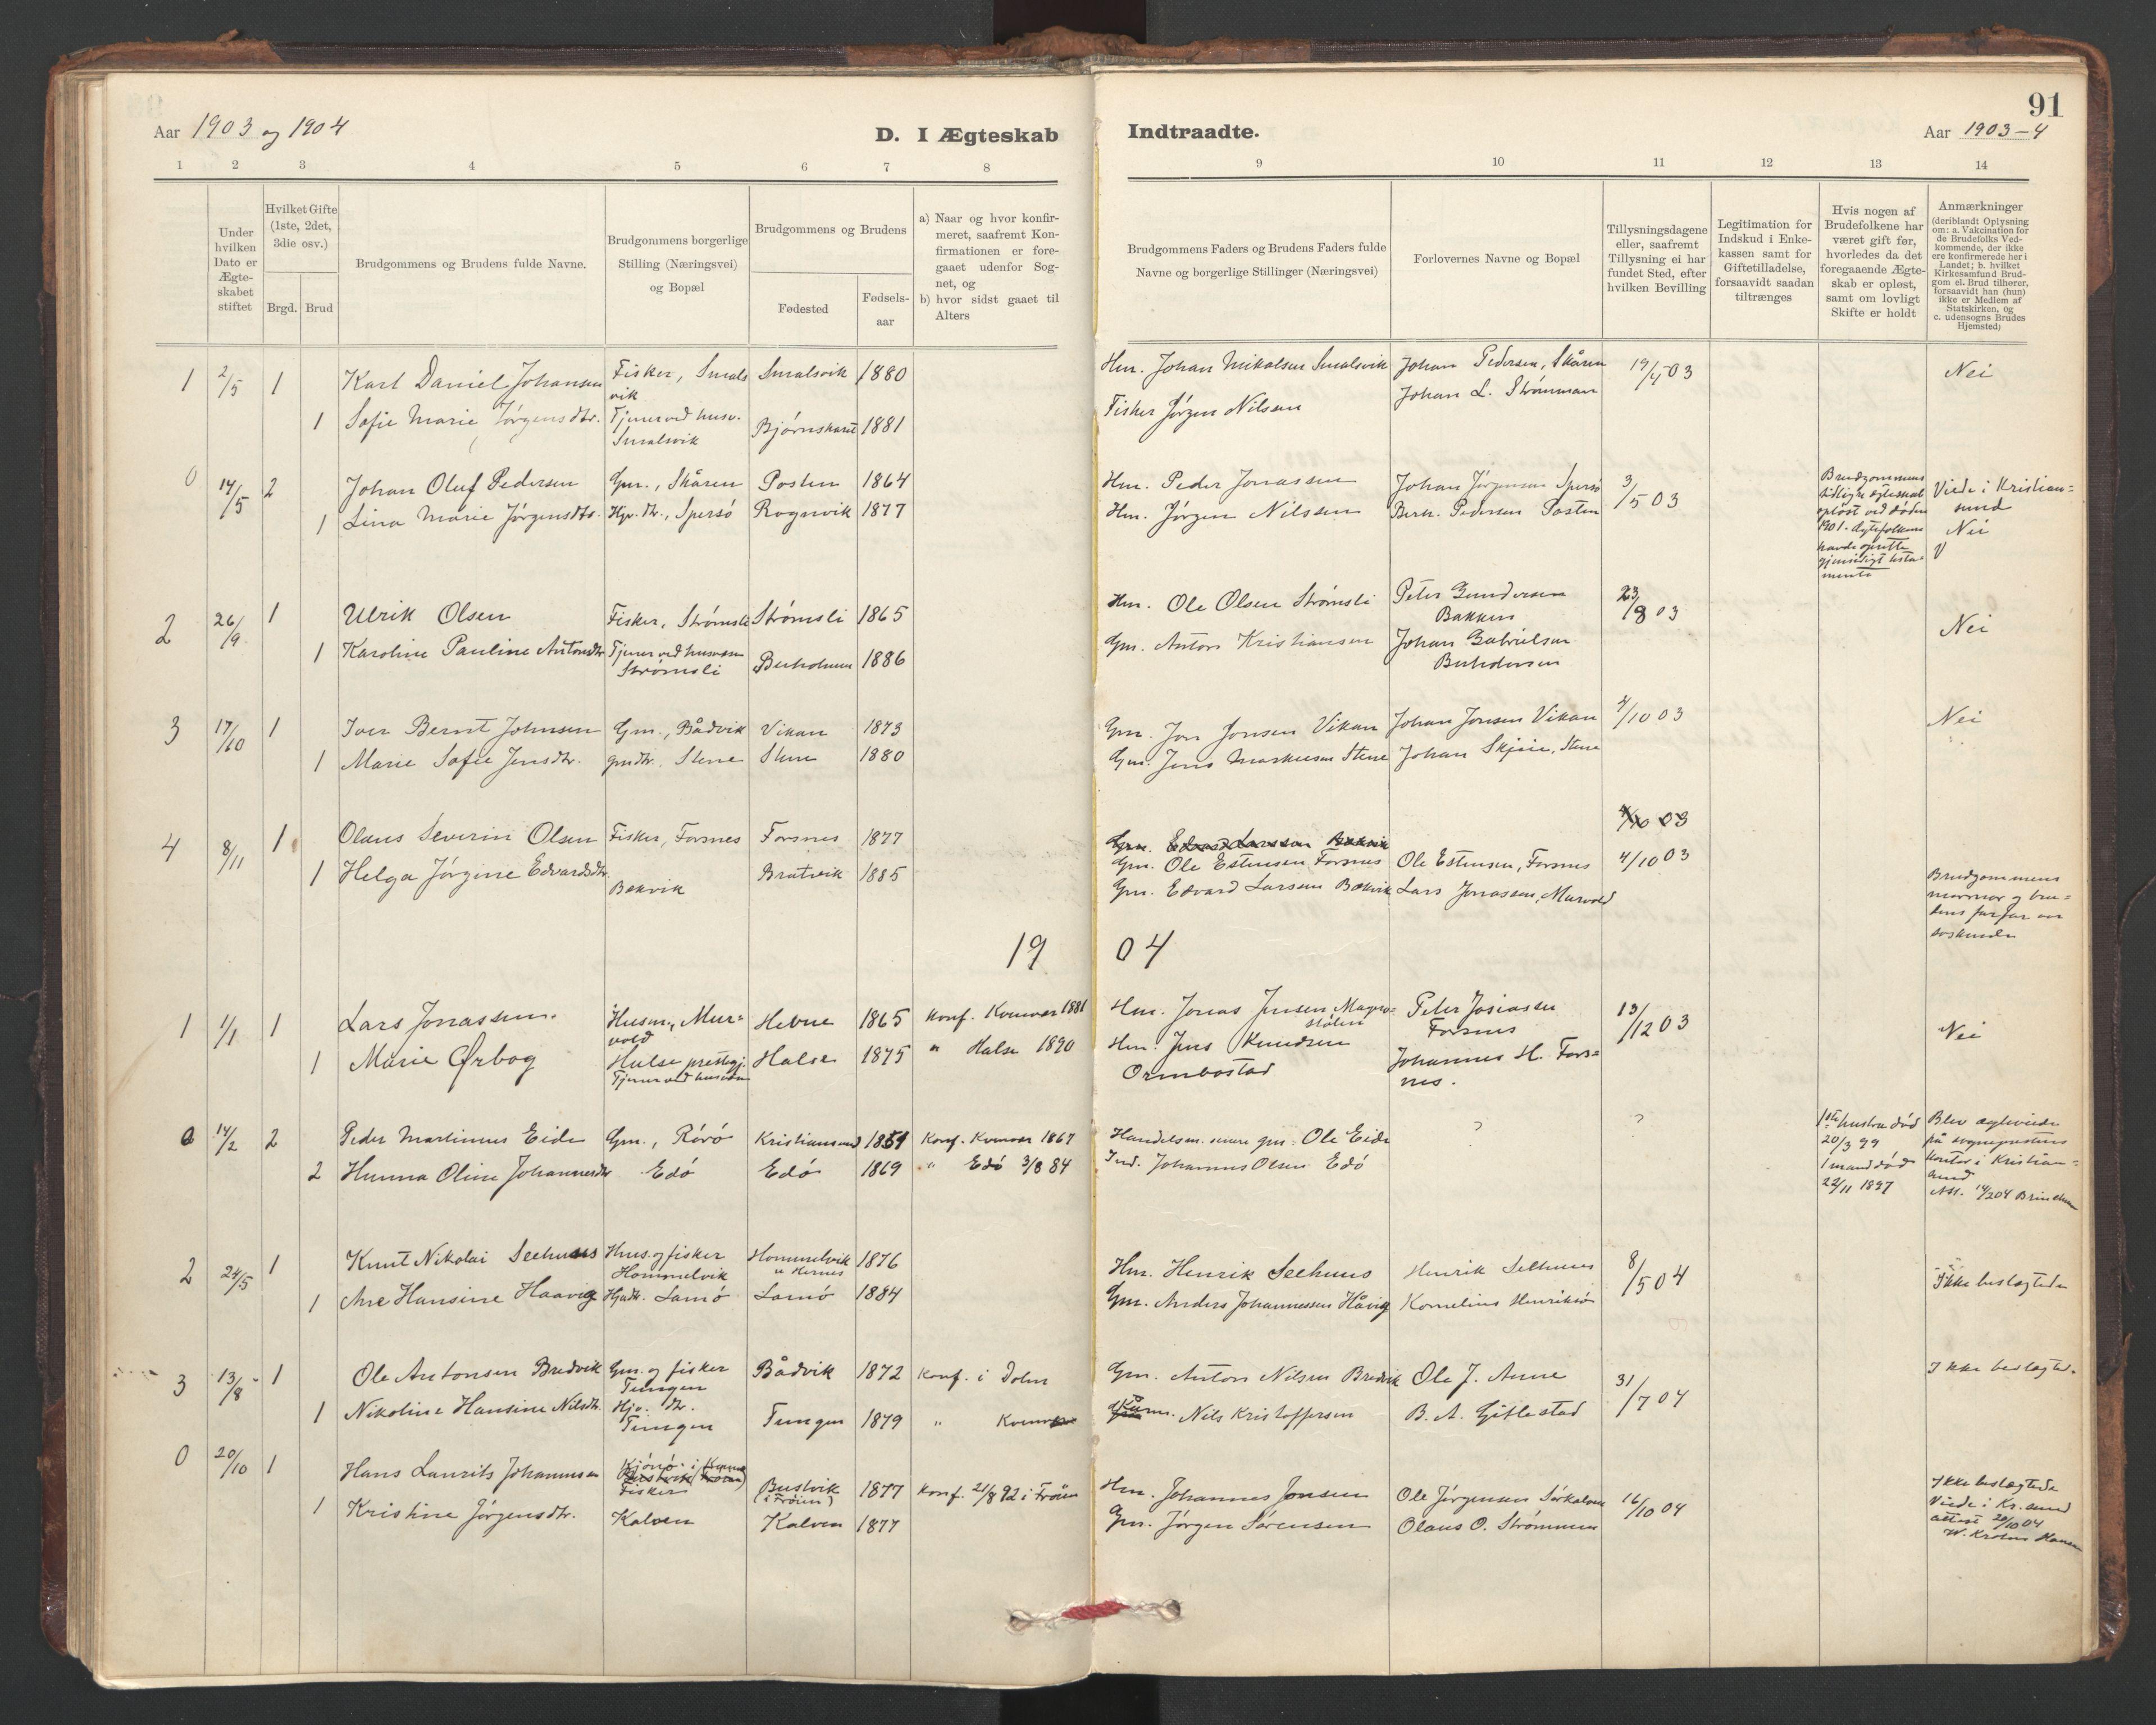 SAT, Ministerialprotokoller, klokkerbøker og fødselsregistre - Sør-Trøndelag, 635/L0552: Ministerialbok nr. 635A02, 1899-1919, s. 91